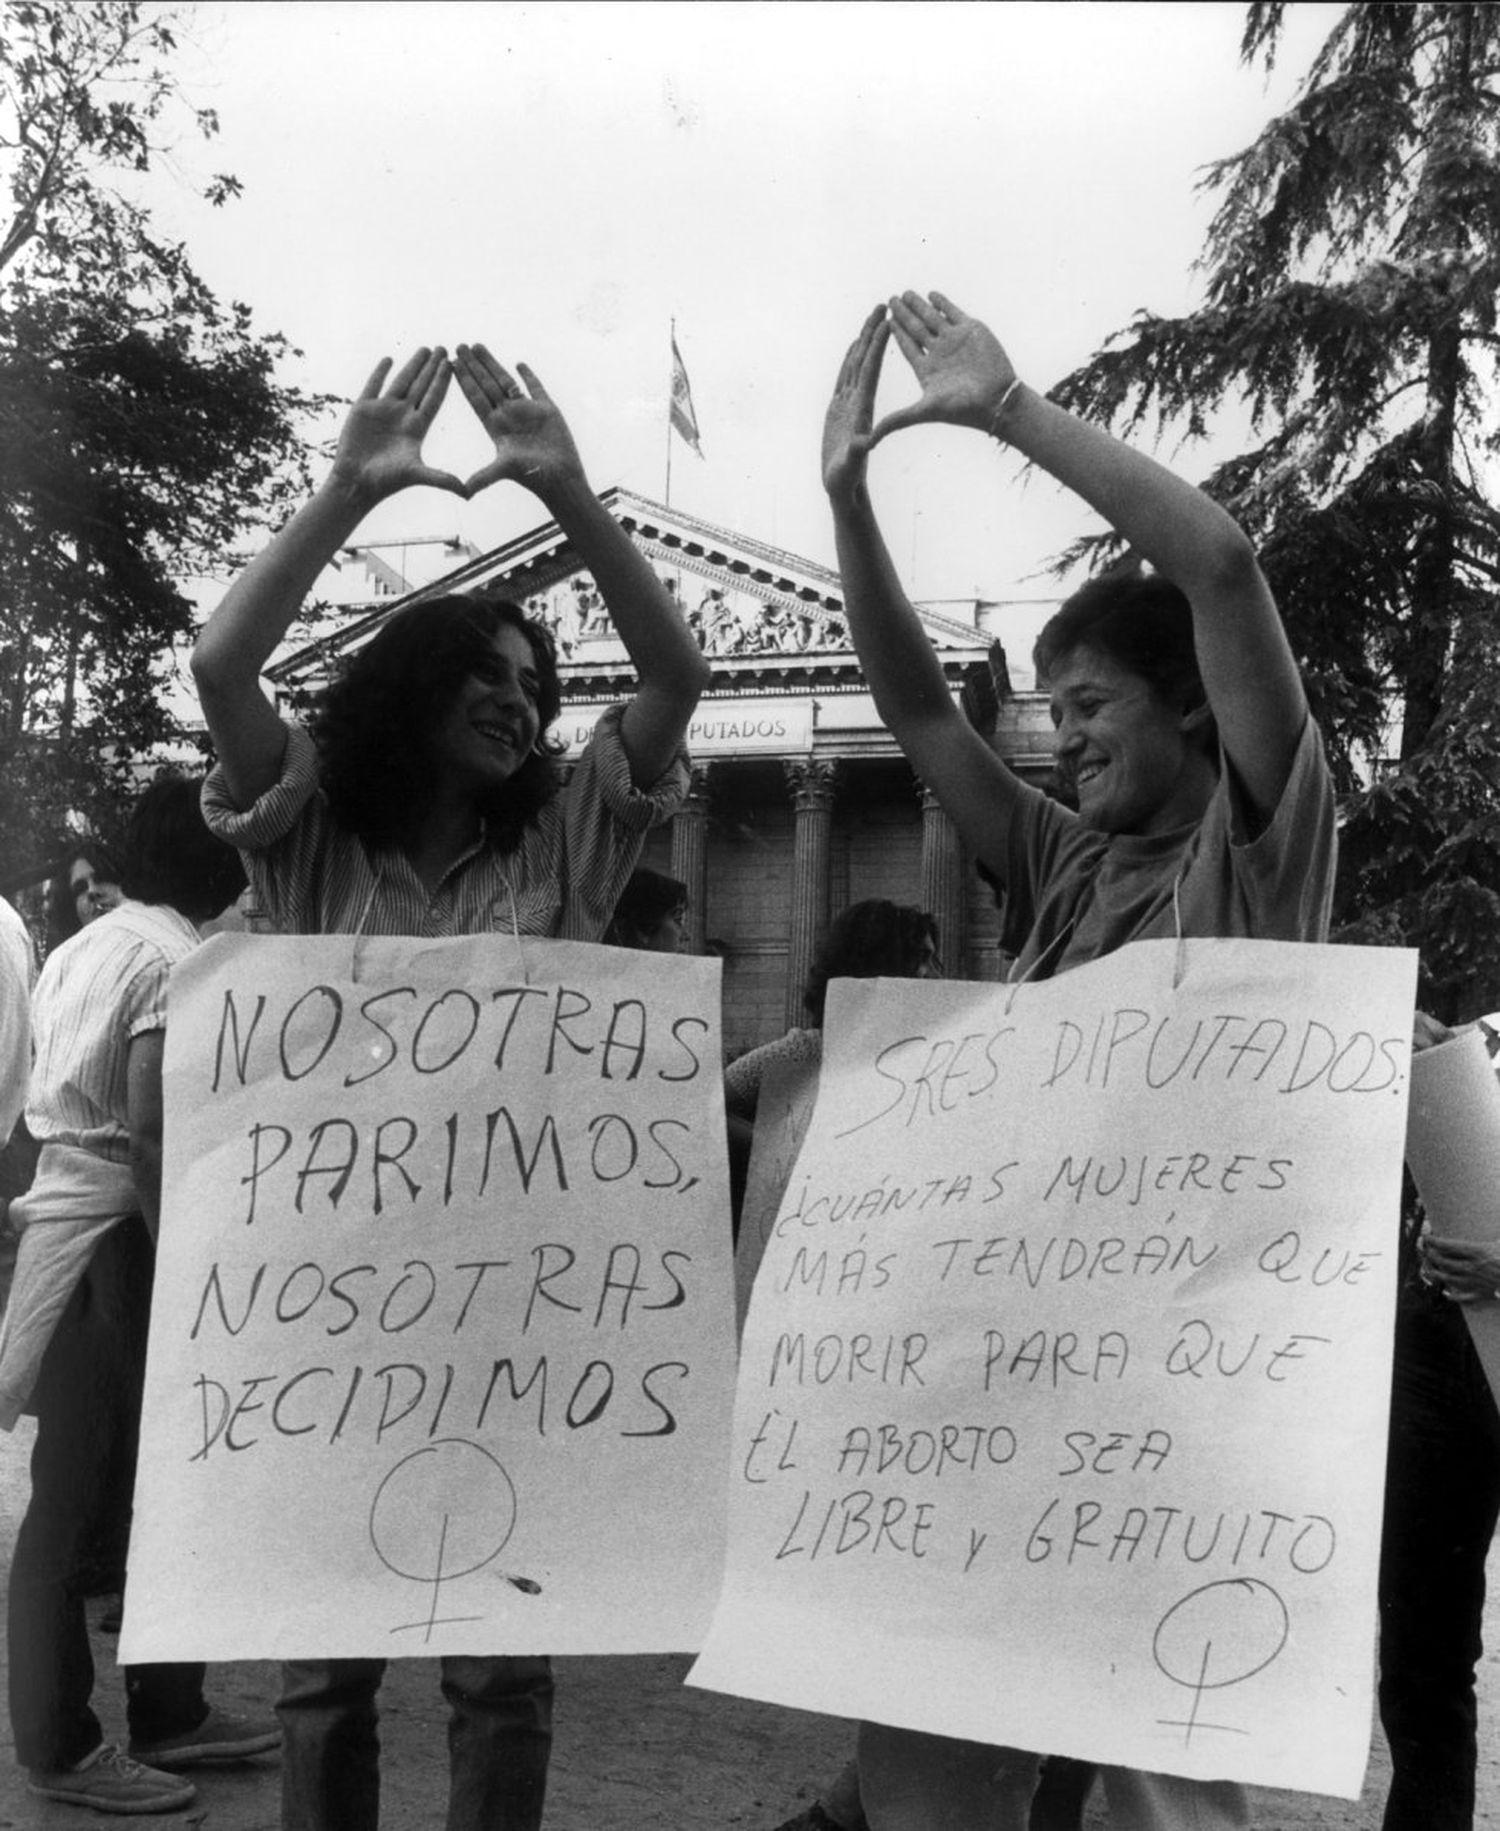 Varias mujeres hacen el signo feminista en una manifestación a favor del aborto libre y gratuito a las puertas del Congreso de los Diputados, durante el debate sobre la despenalización parcial del aborto en casos de violación, grave peligro para la vida de la madre y malformaciones en 1983.